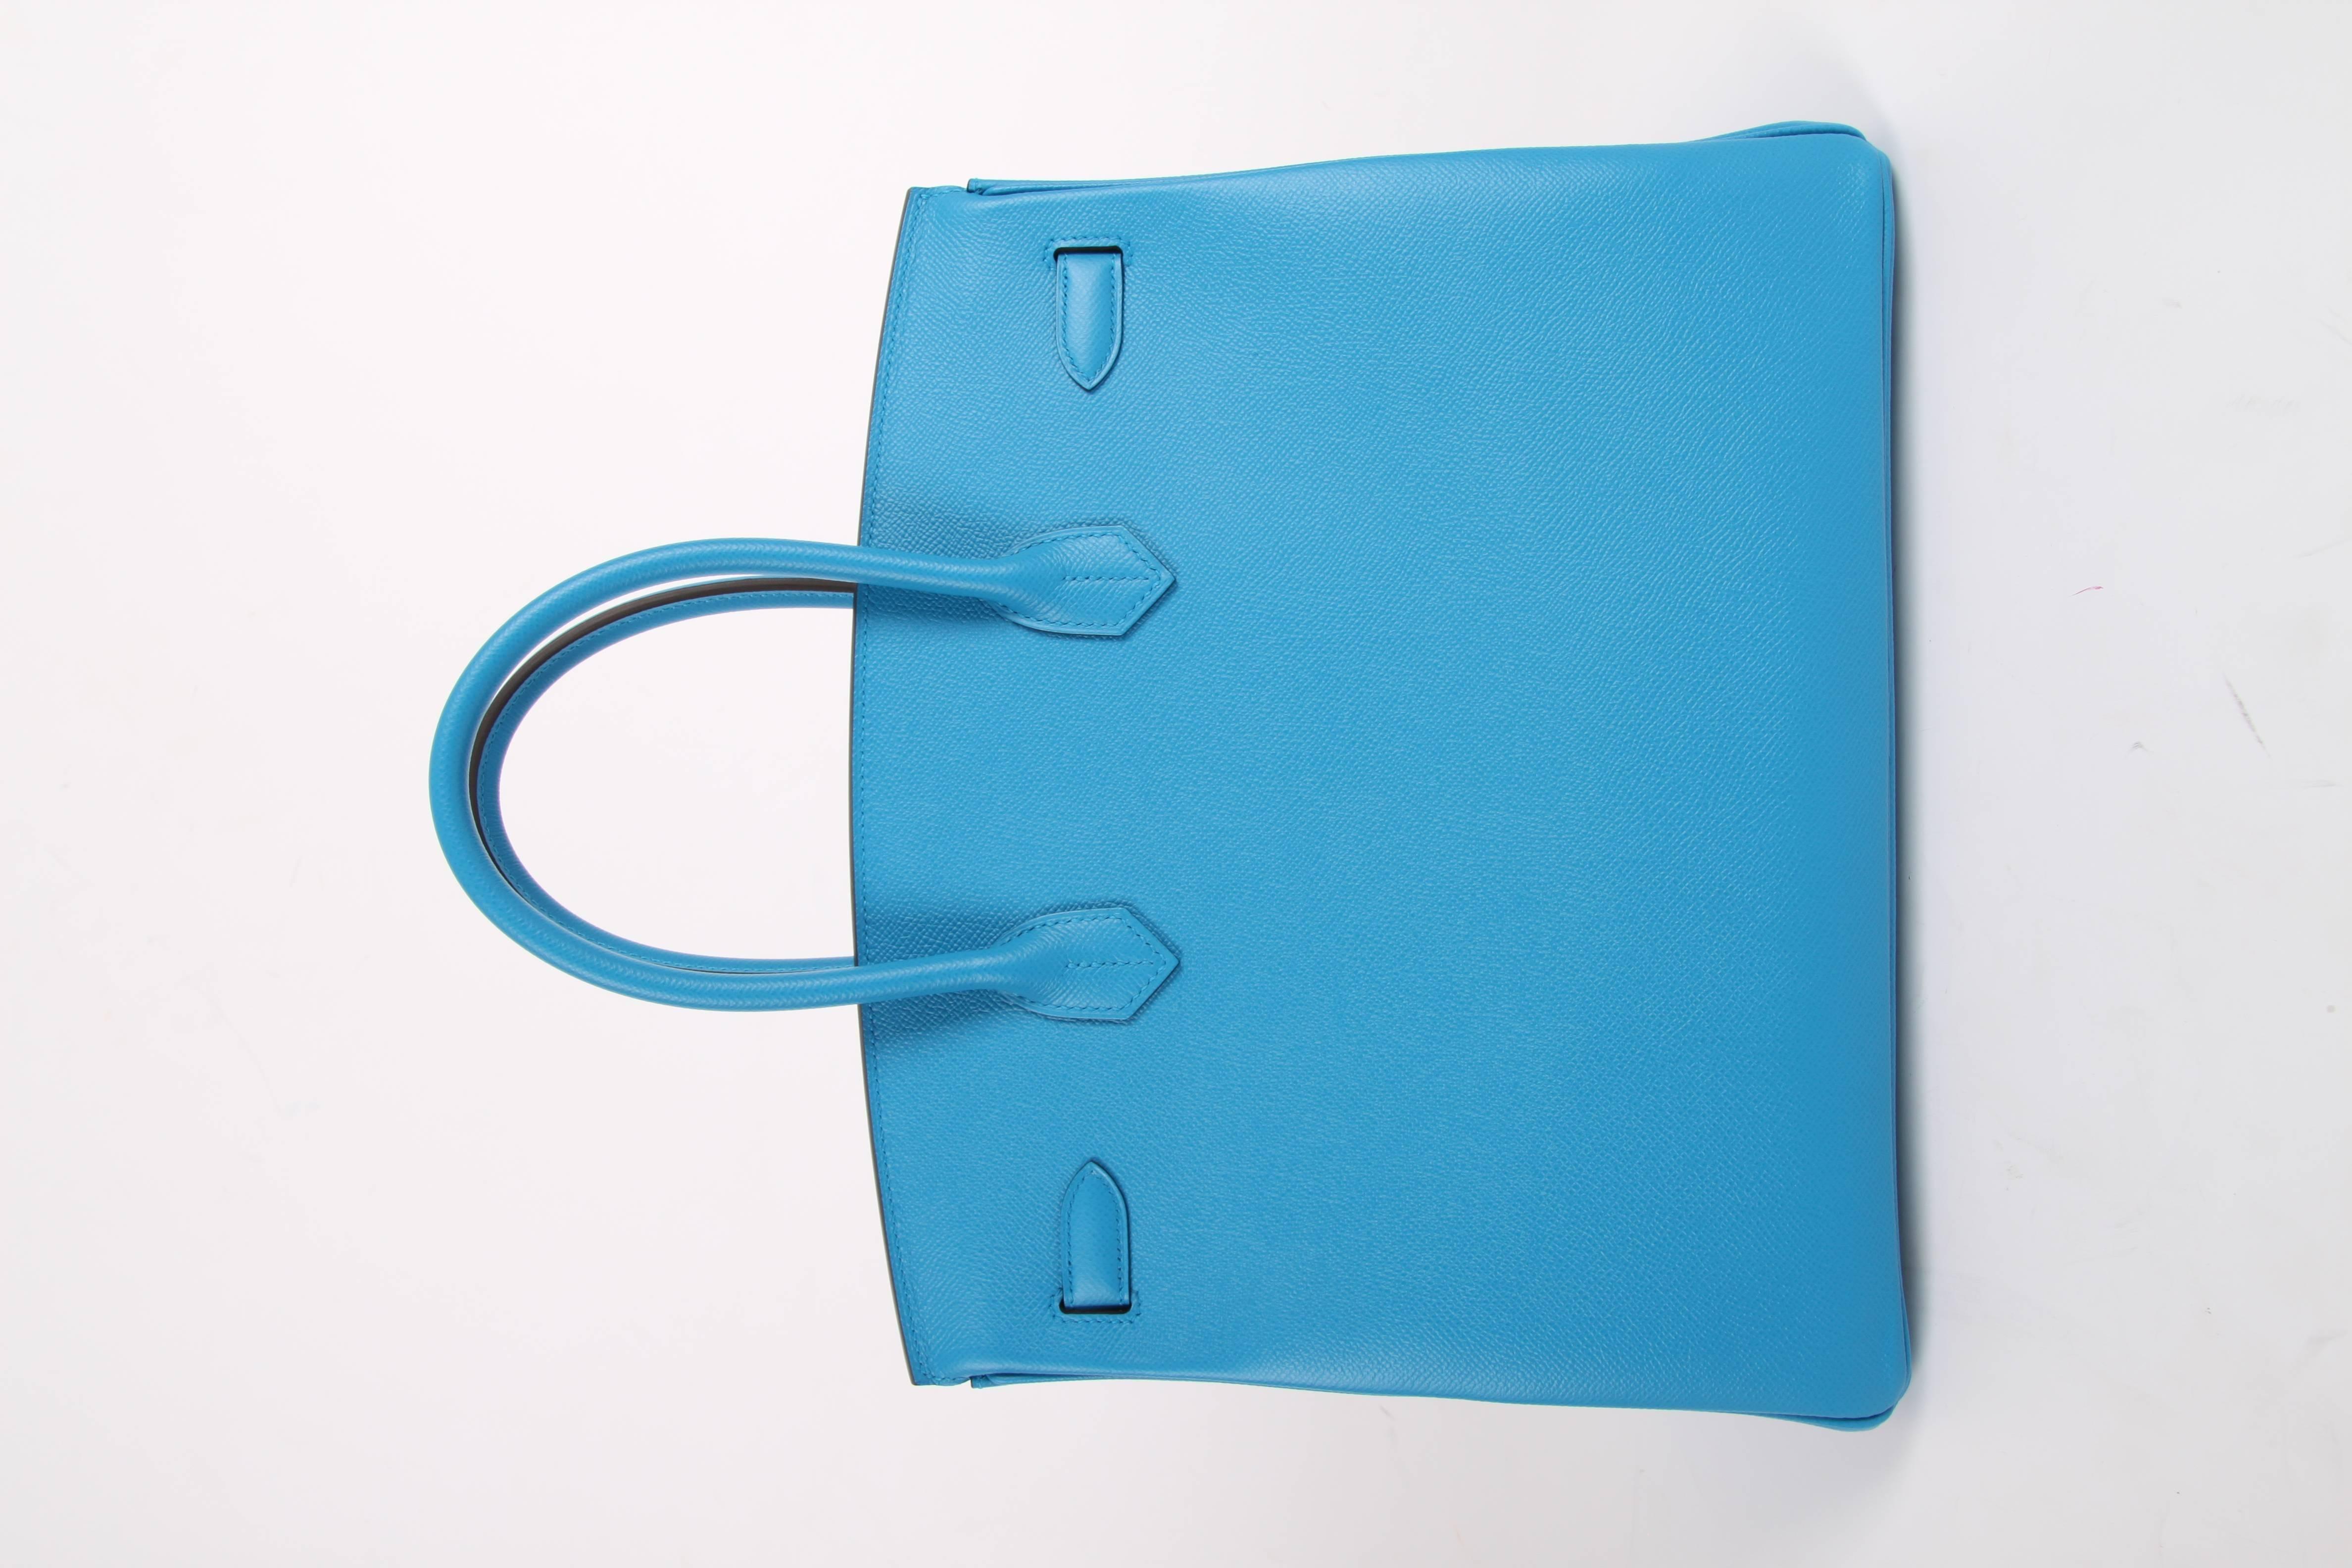 d577da855c Hermes Birkin Bag Epsom 35 Bleu Zanzibar Palladium Hardware - blue For Sale  at 1stdibs